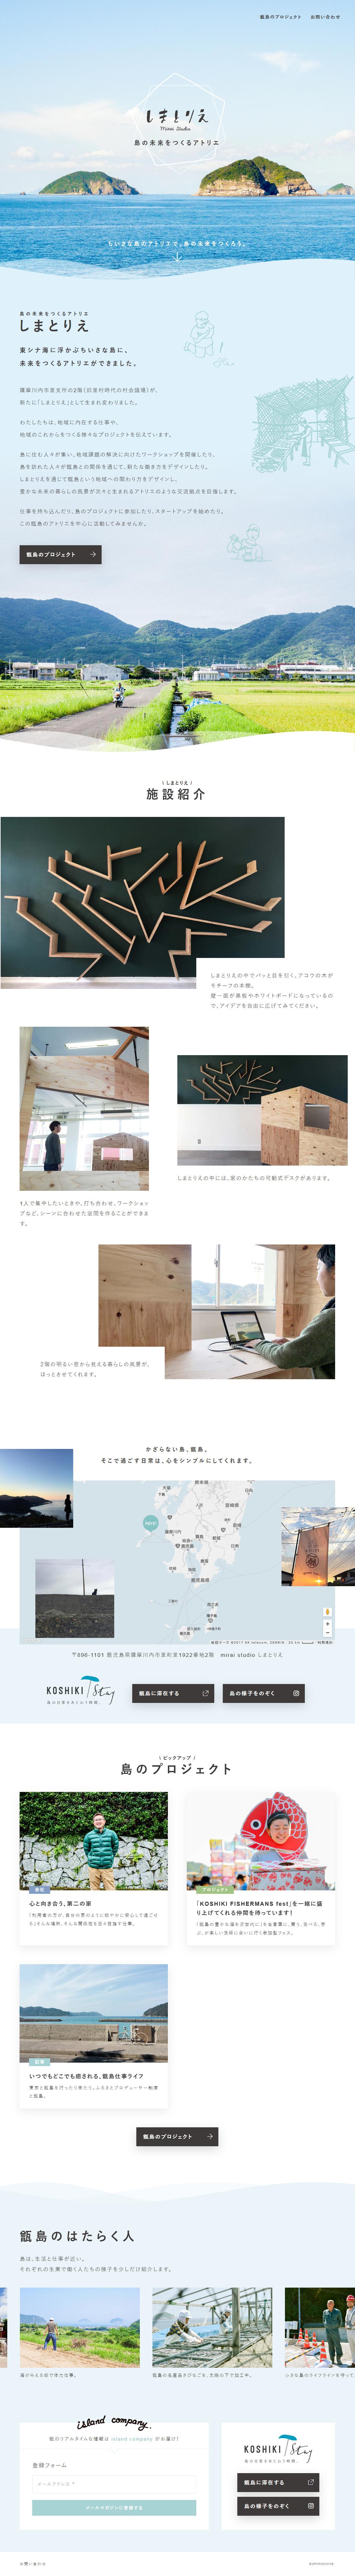 しまとりえ -MIRAI STUDIO- 島の未来をつくるアトリエ https://shimatorie.jp/